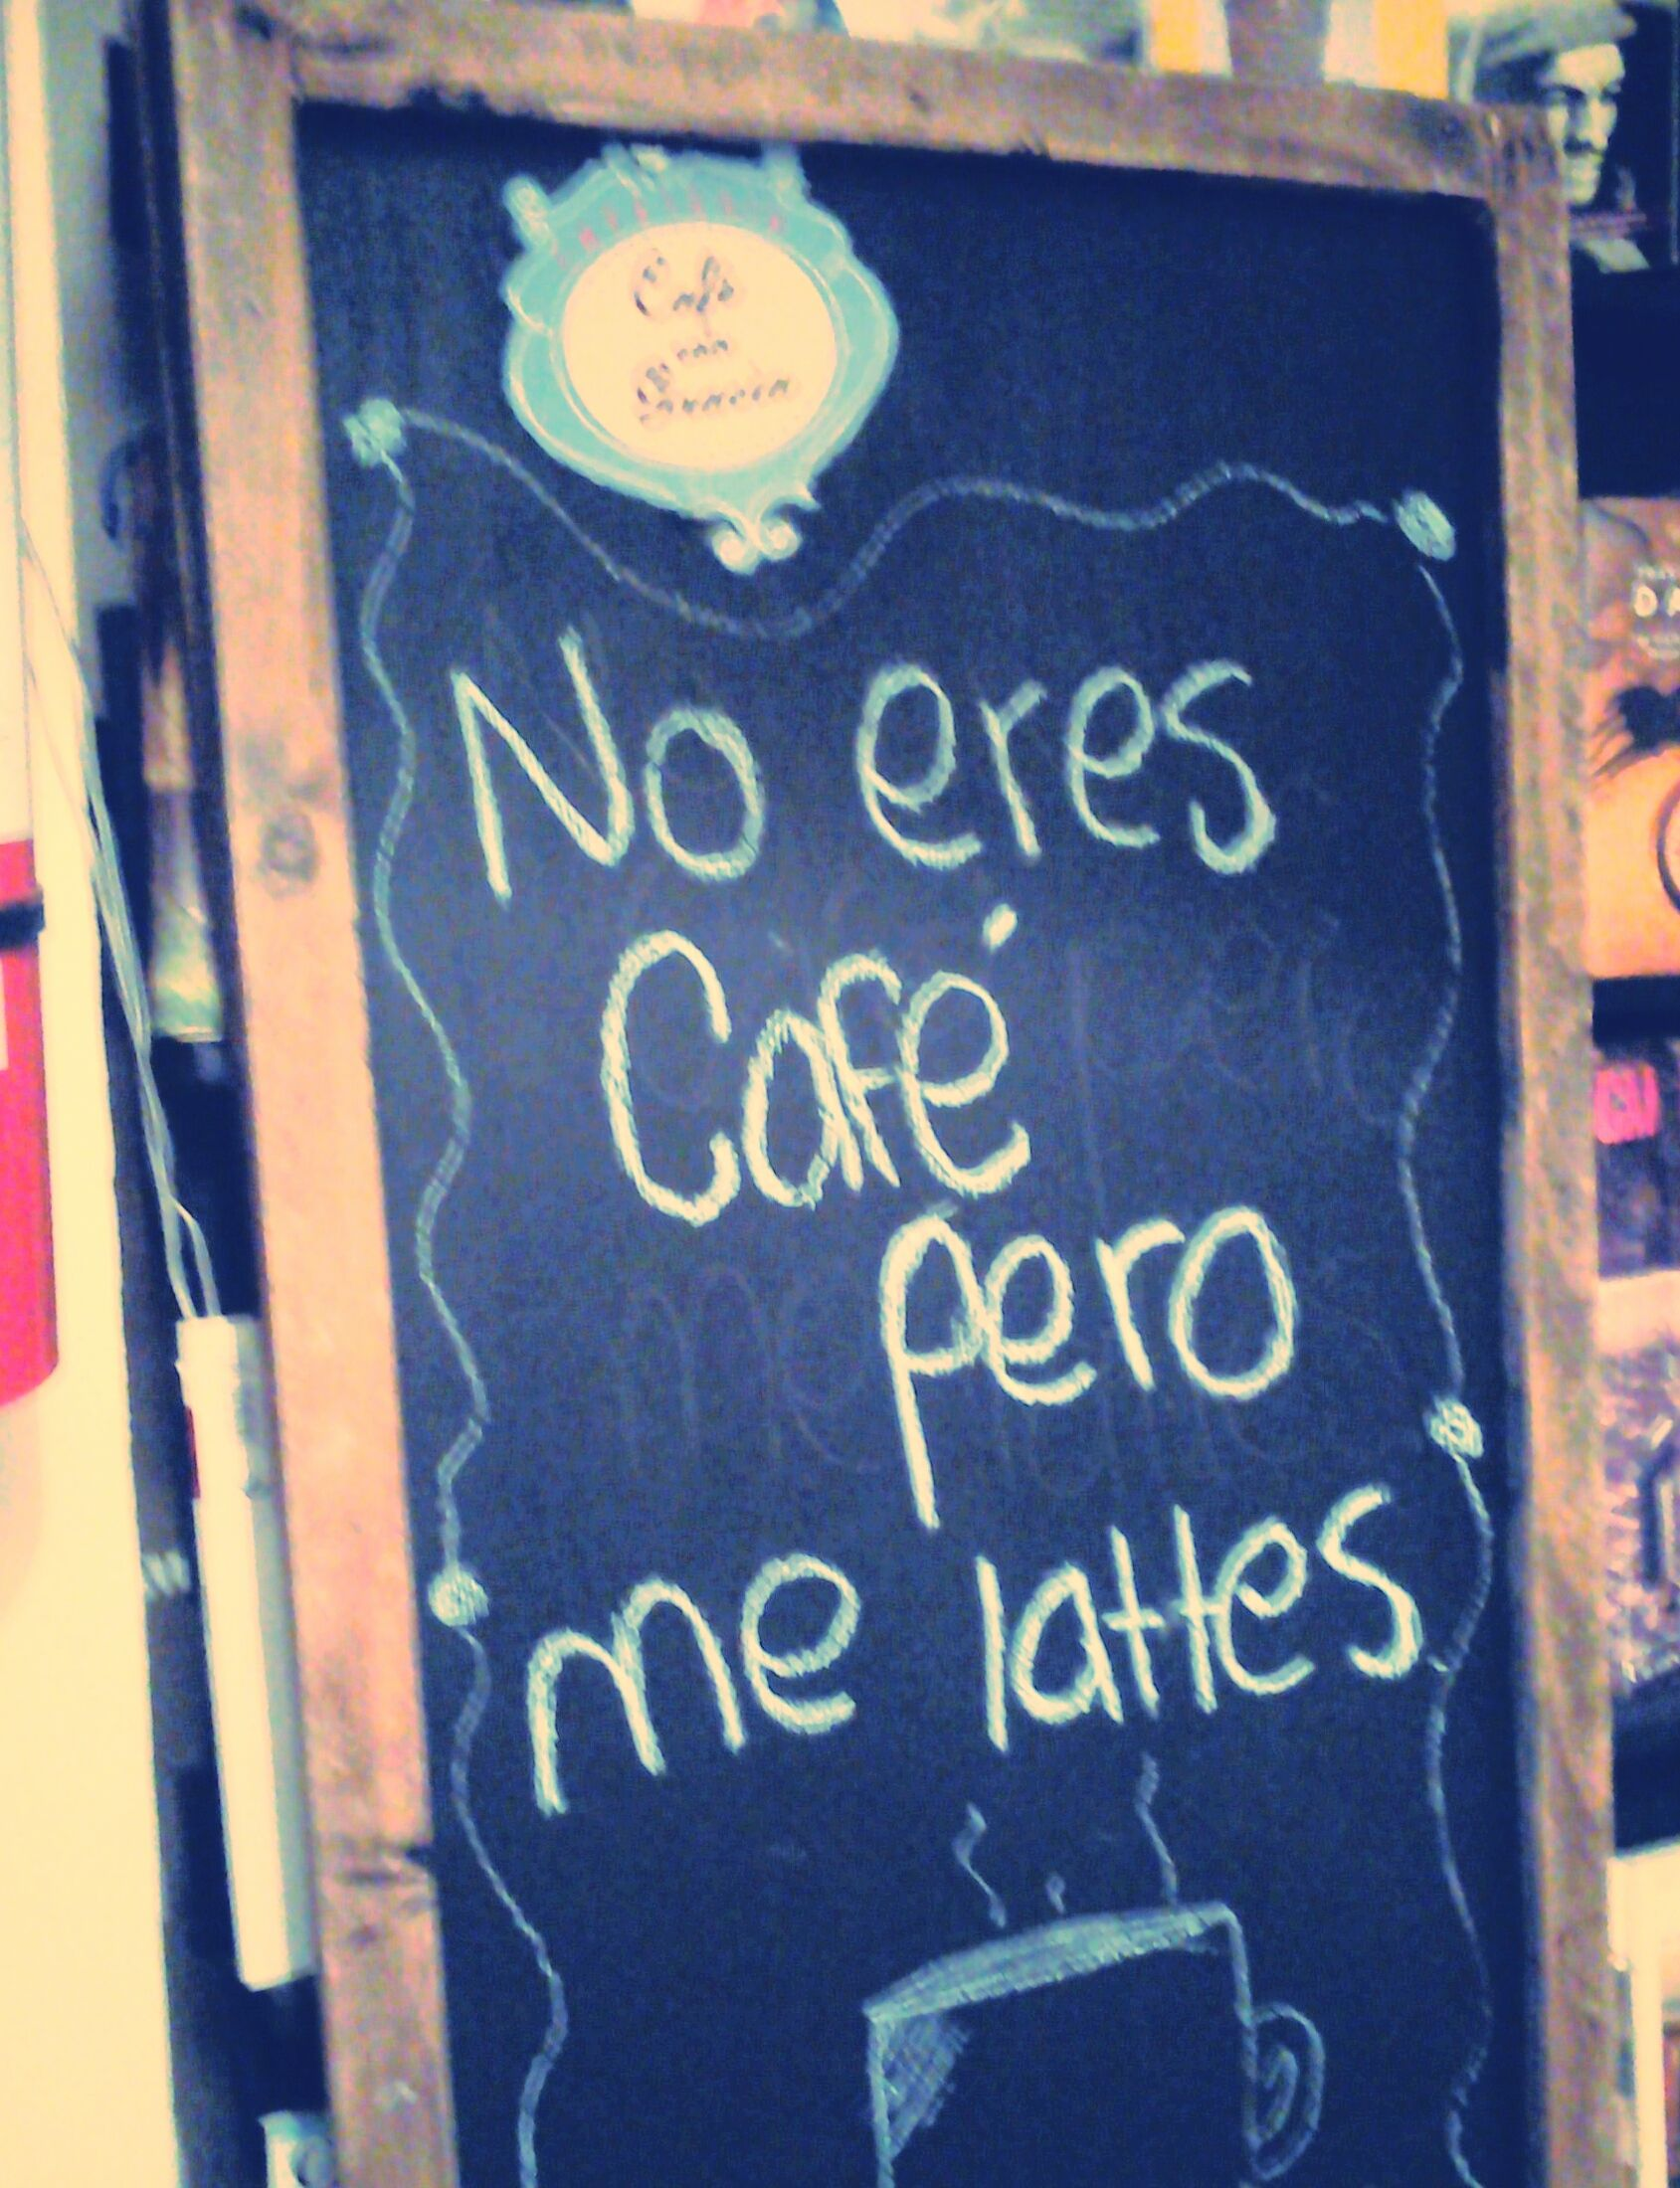 No eres café pero me lattes :3 #cafecongracia